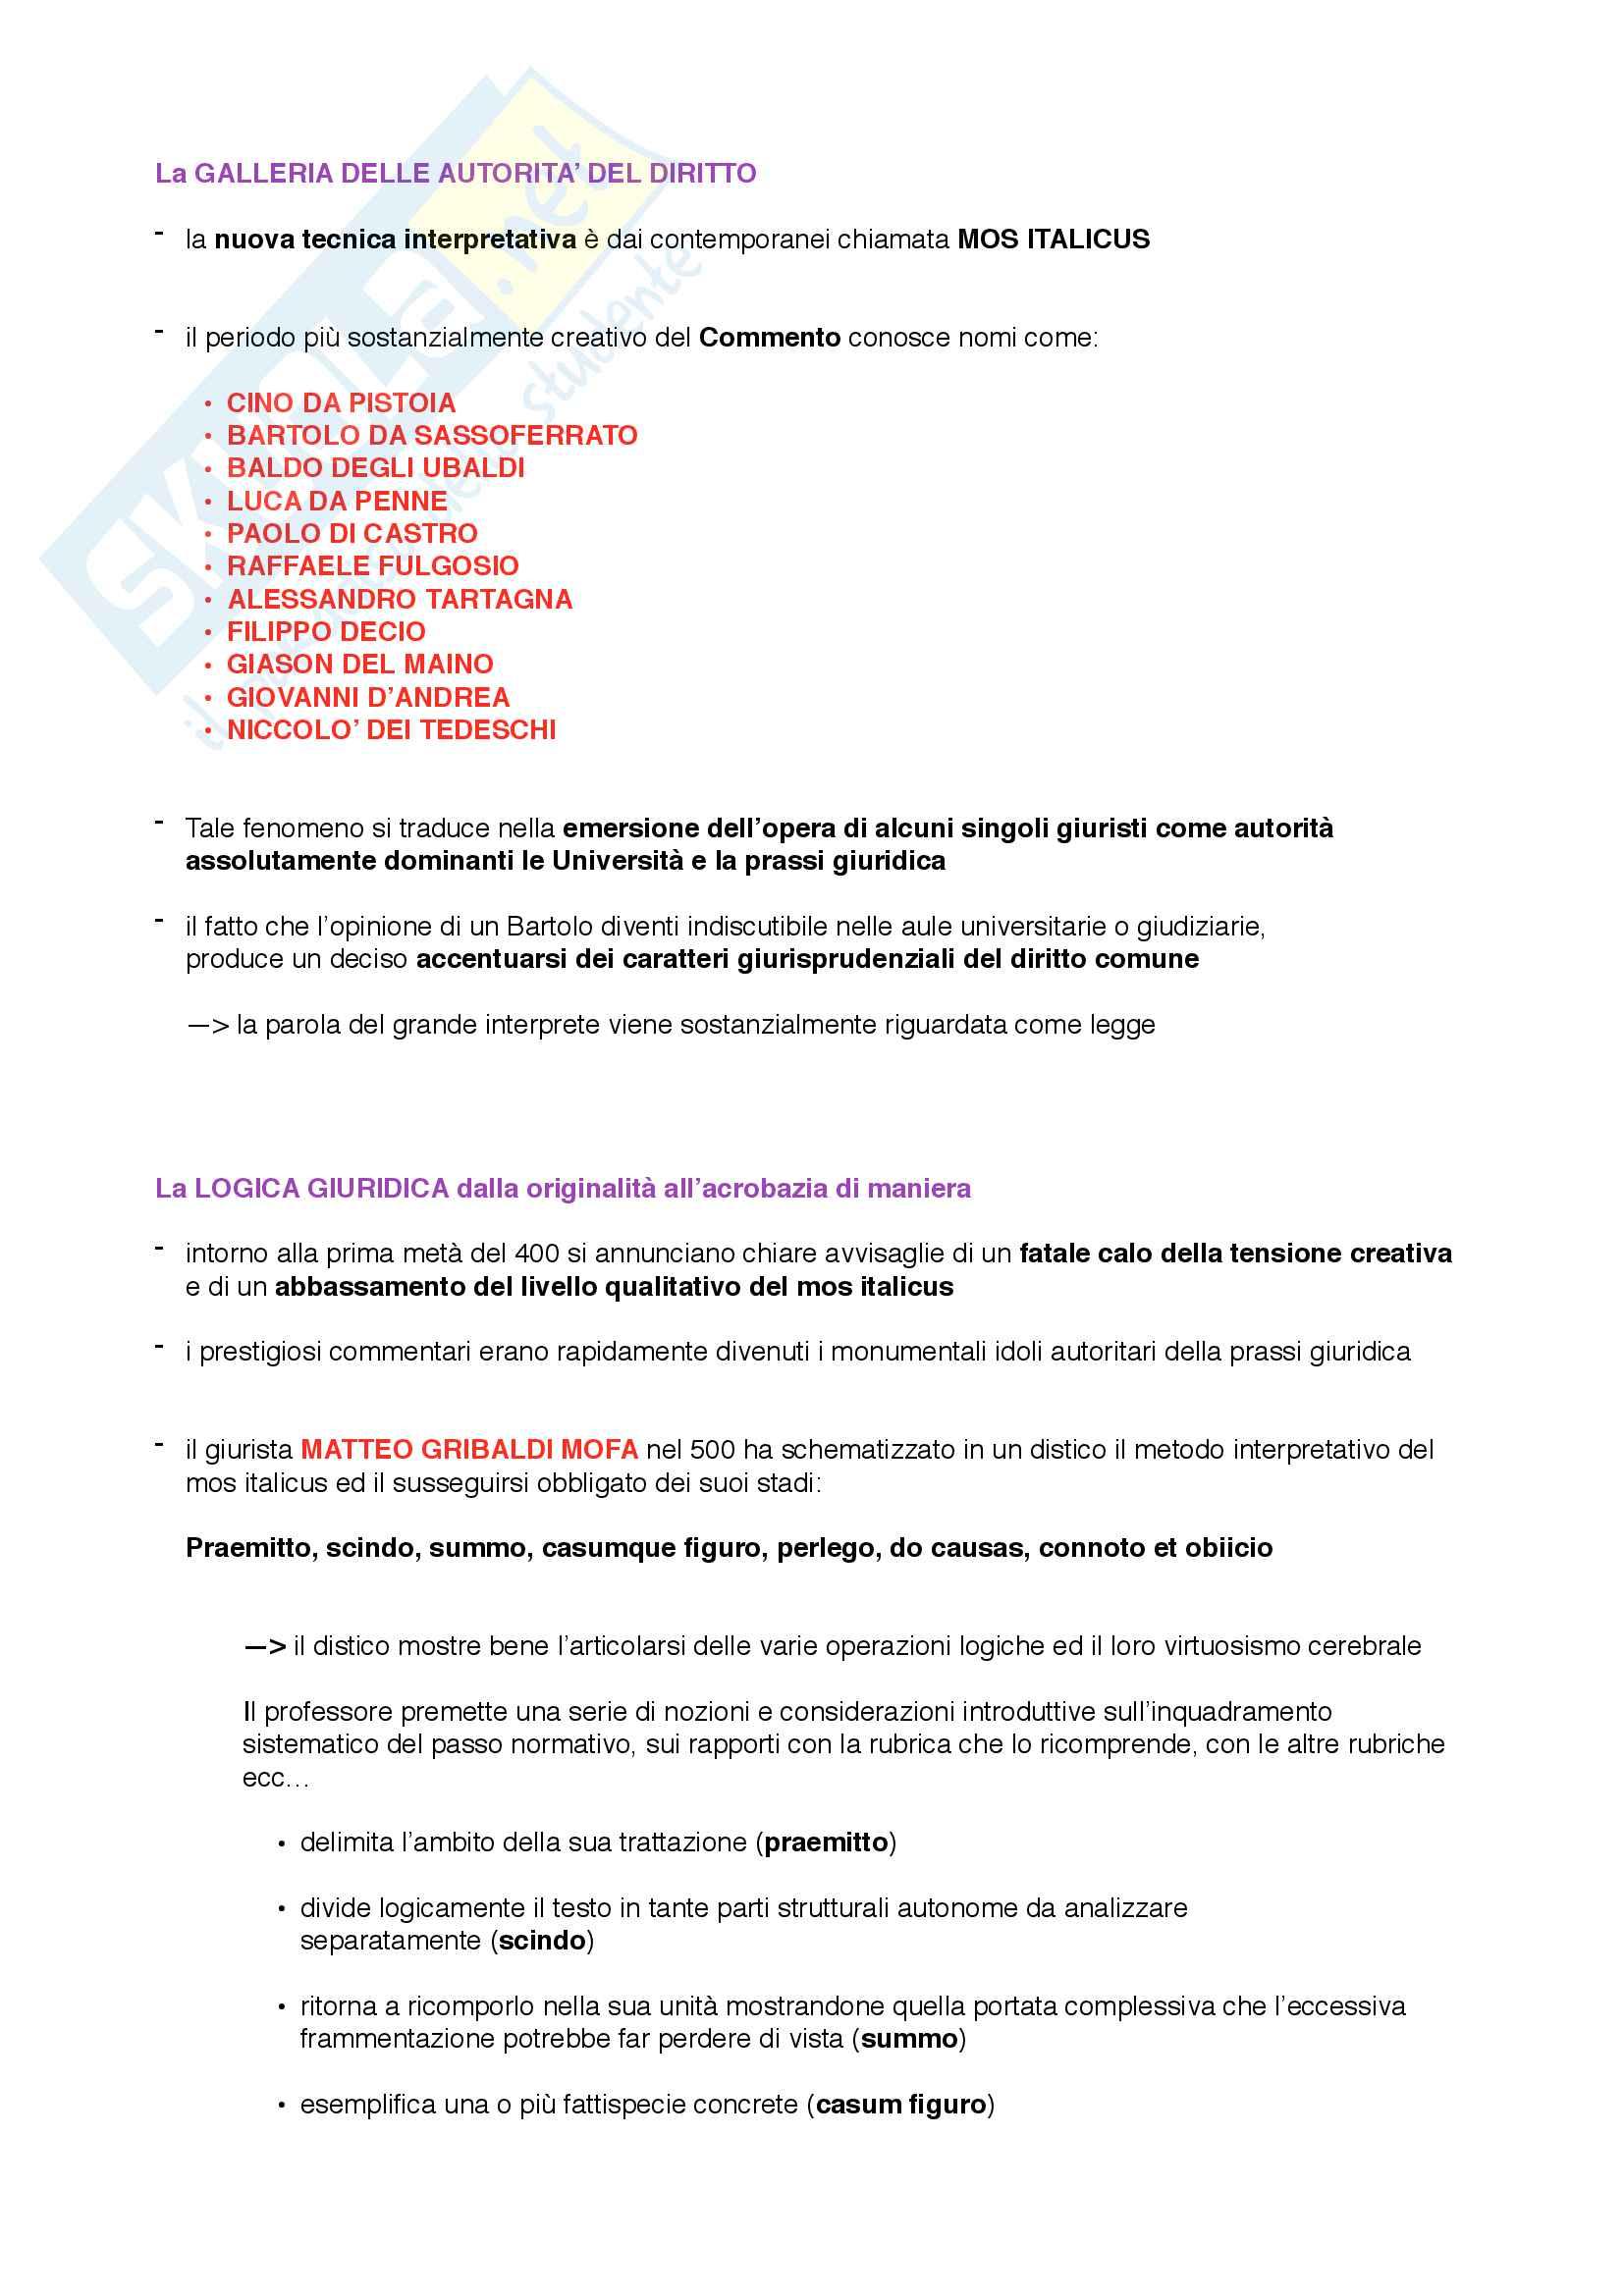 Storia del diritto italiano Pag. 41